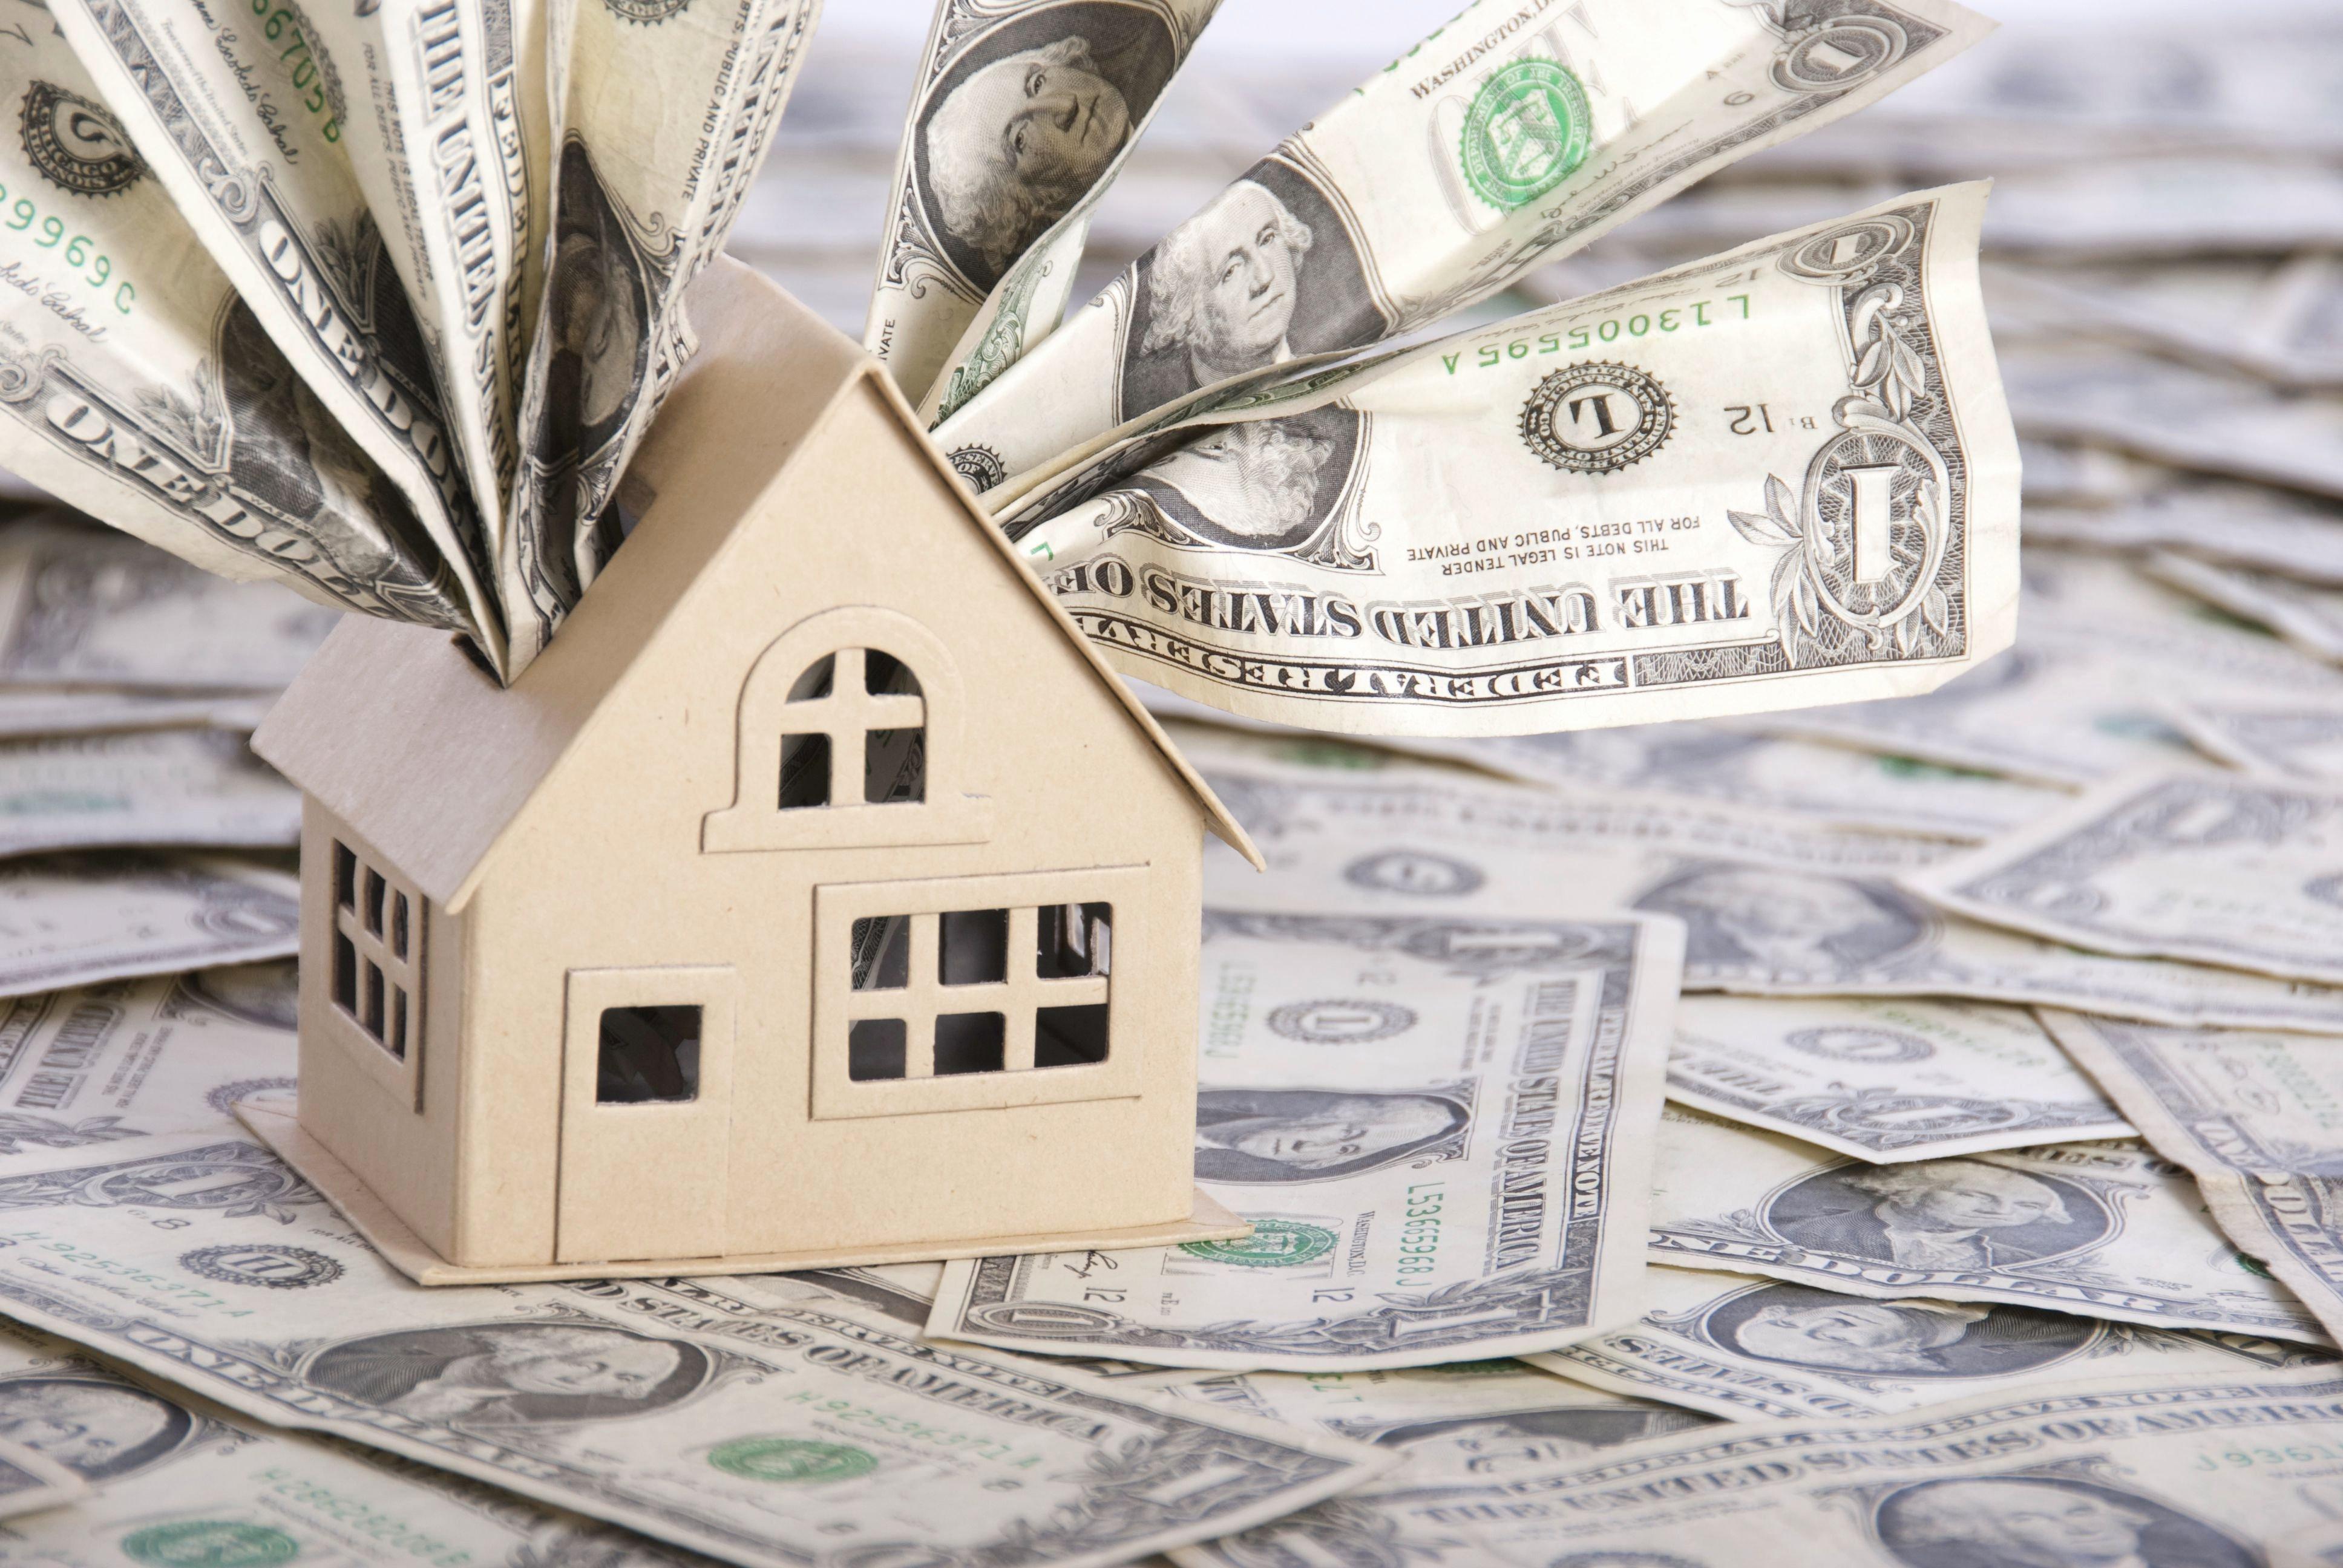 Tenant Rent Increase Letter Unique Sample Rent Increase Letter Yearly Tenants